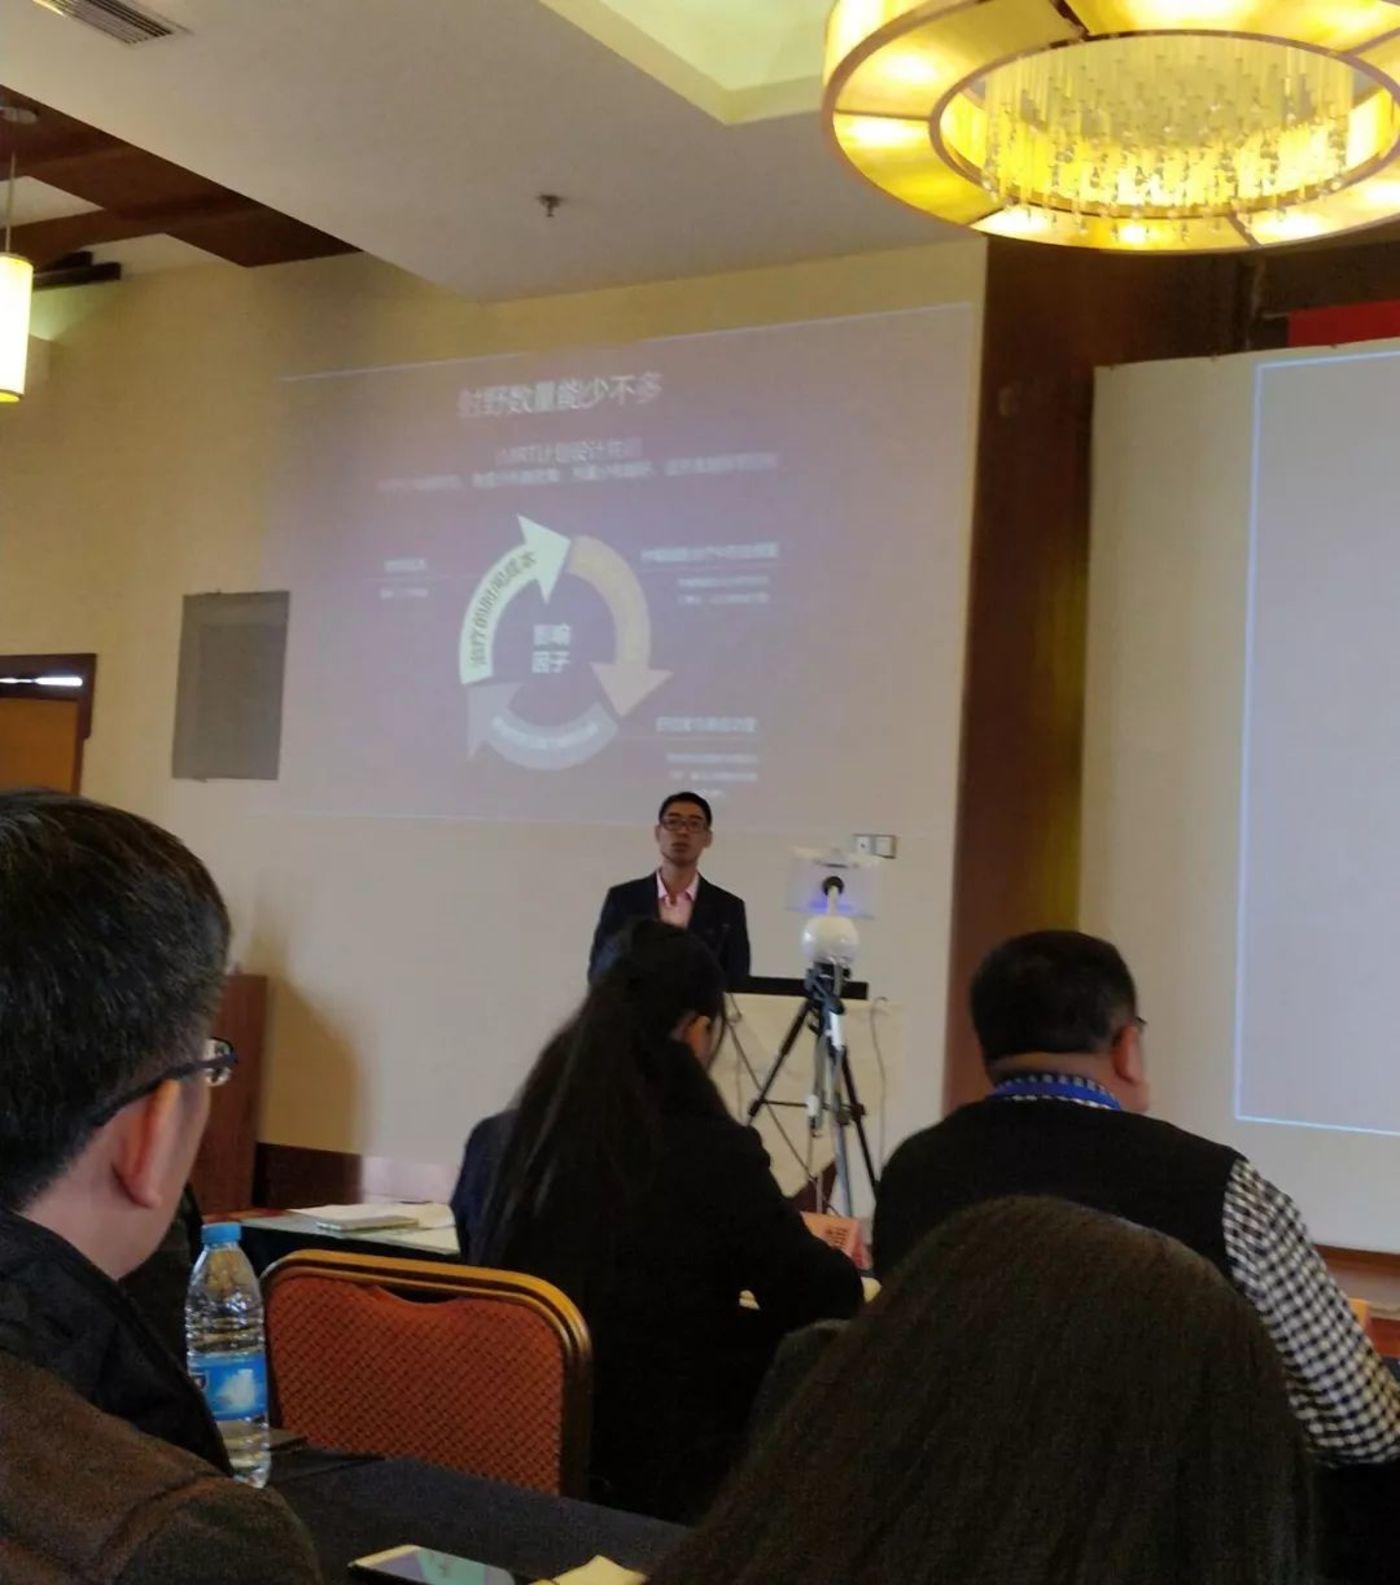 2017年王璐参加全国精确放疗研讨会,参加研讨会是自我提升的方式之一